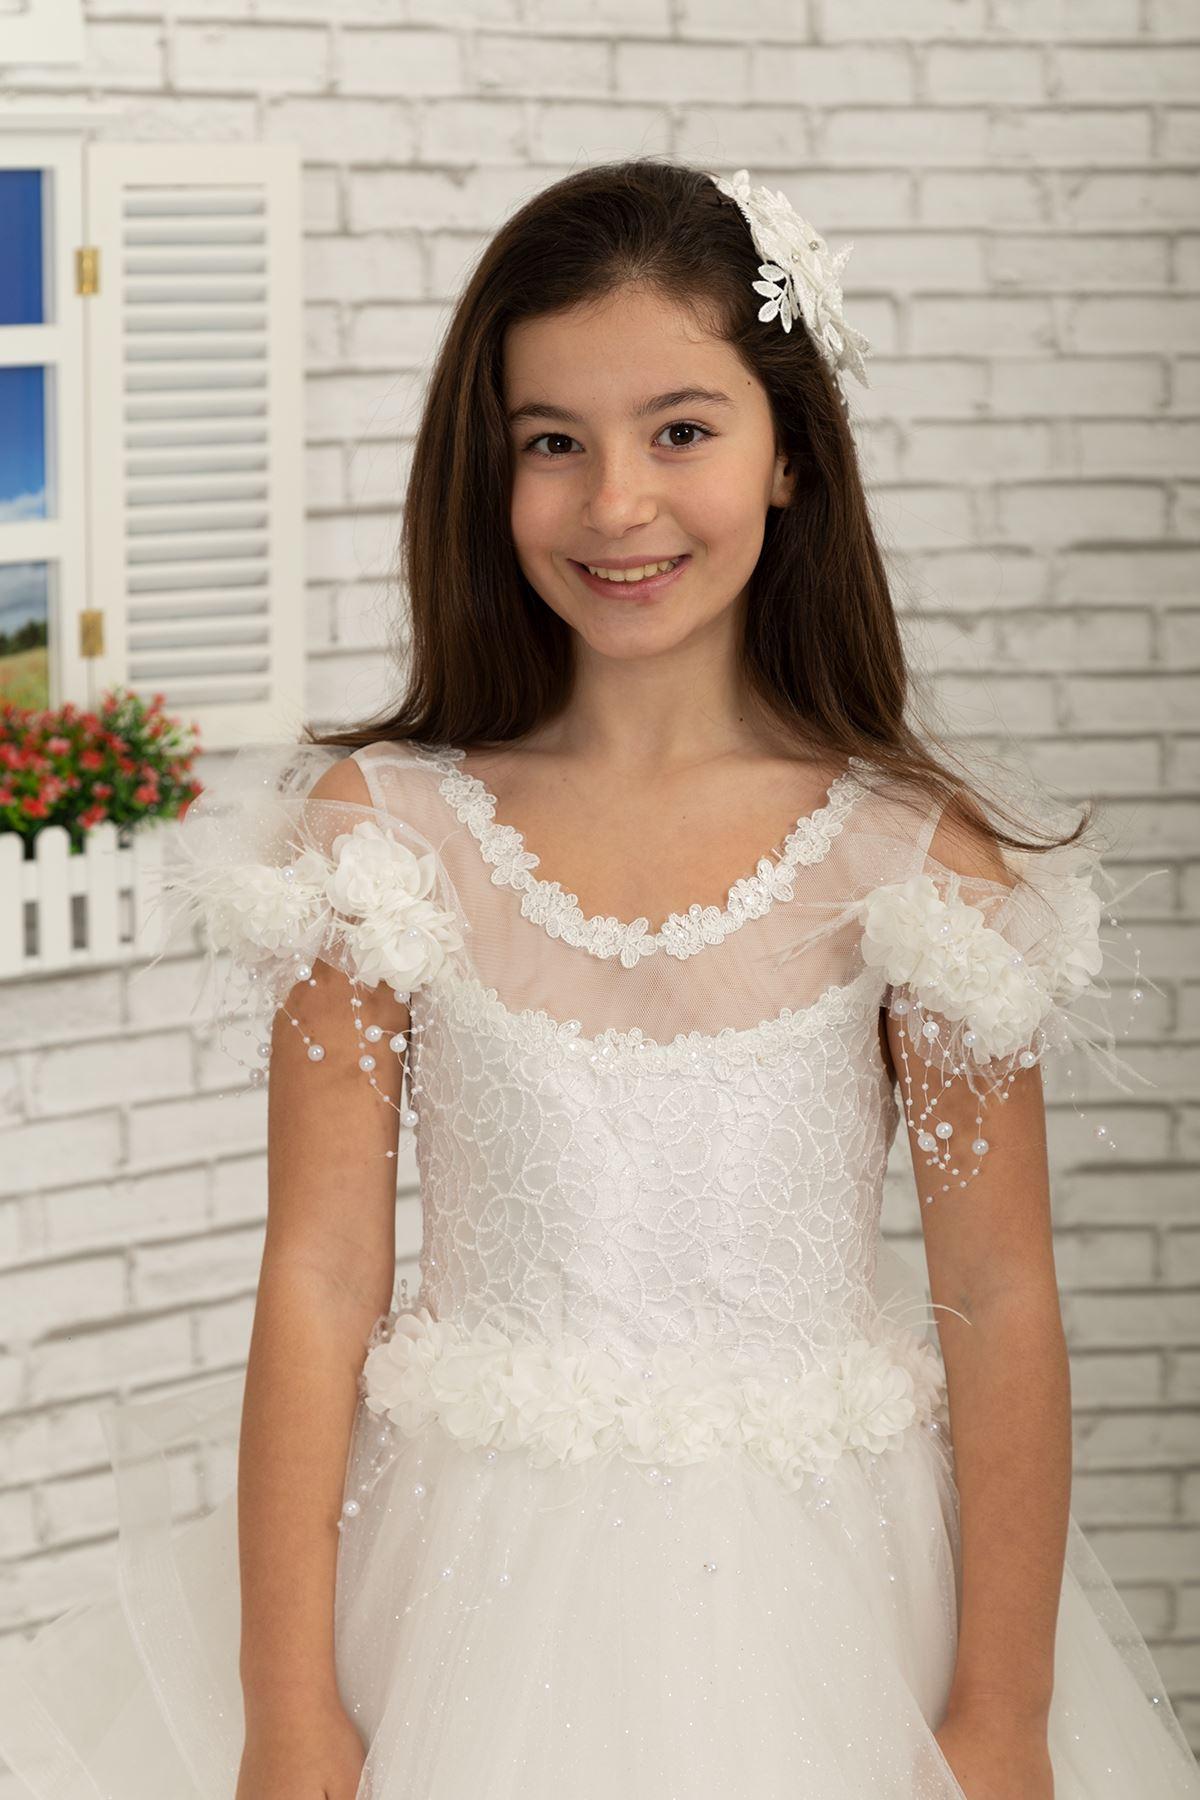 Speciální stříbřité tyl s ramenním pírkem detail, načechrané dívčí večerní šaty 633 krém